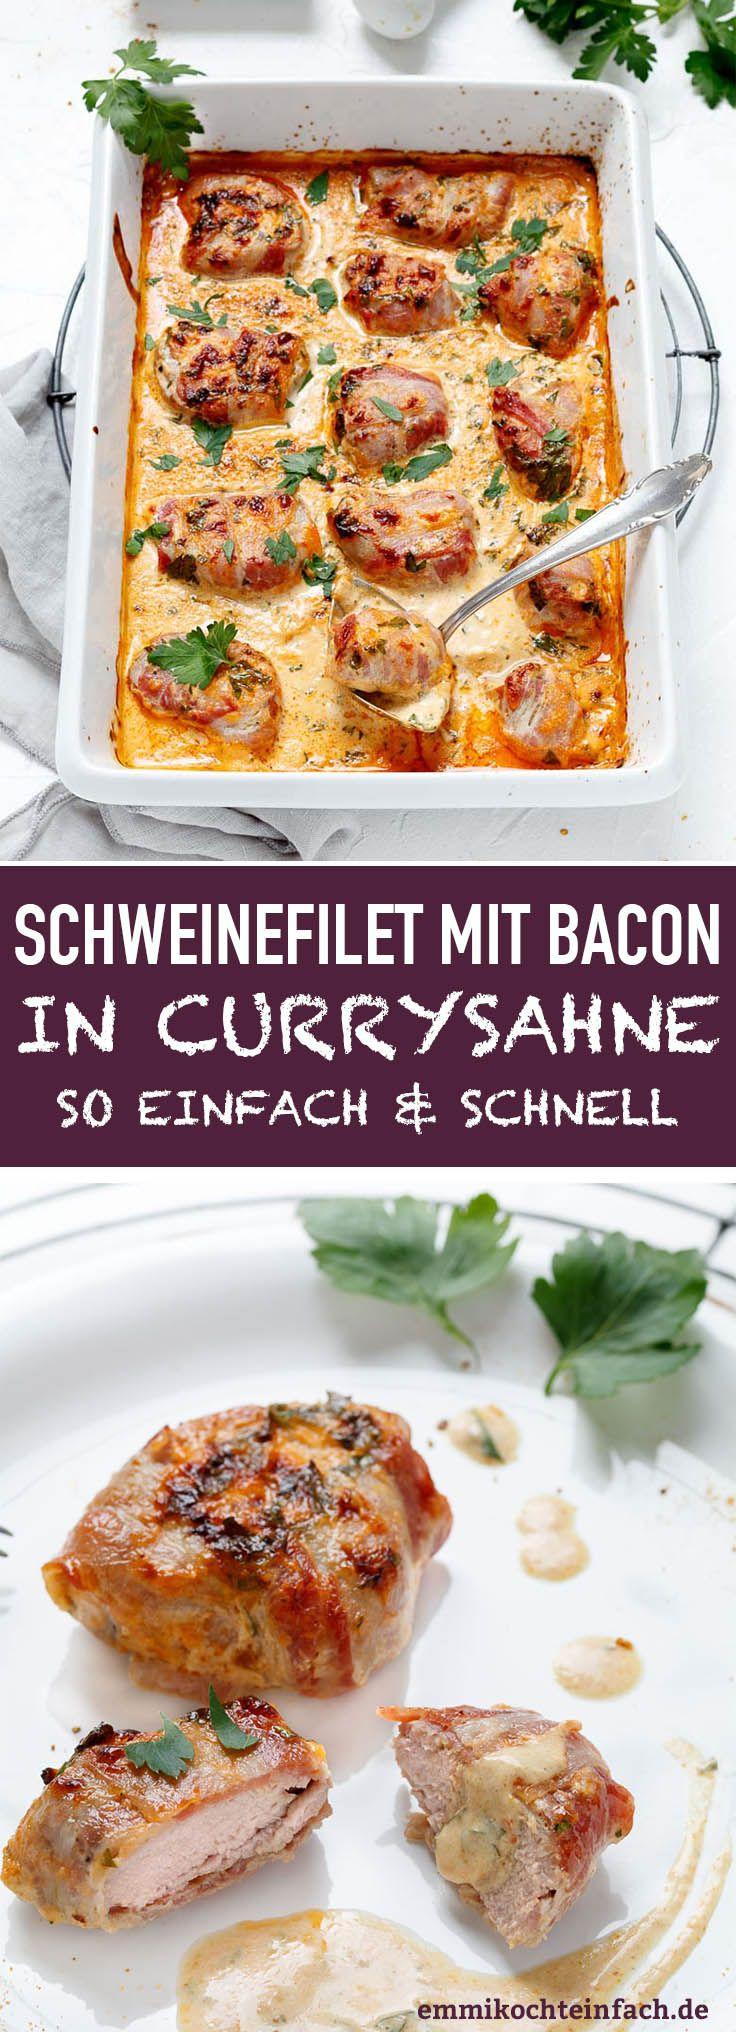 schweinefilet mit bacon in currysahne rezept kochen. Black Bedroom Furniture Sets. Home Design Ideas